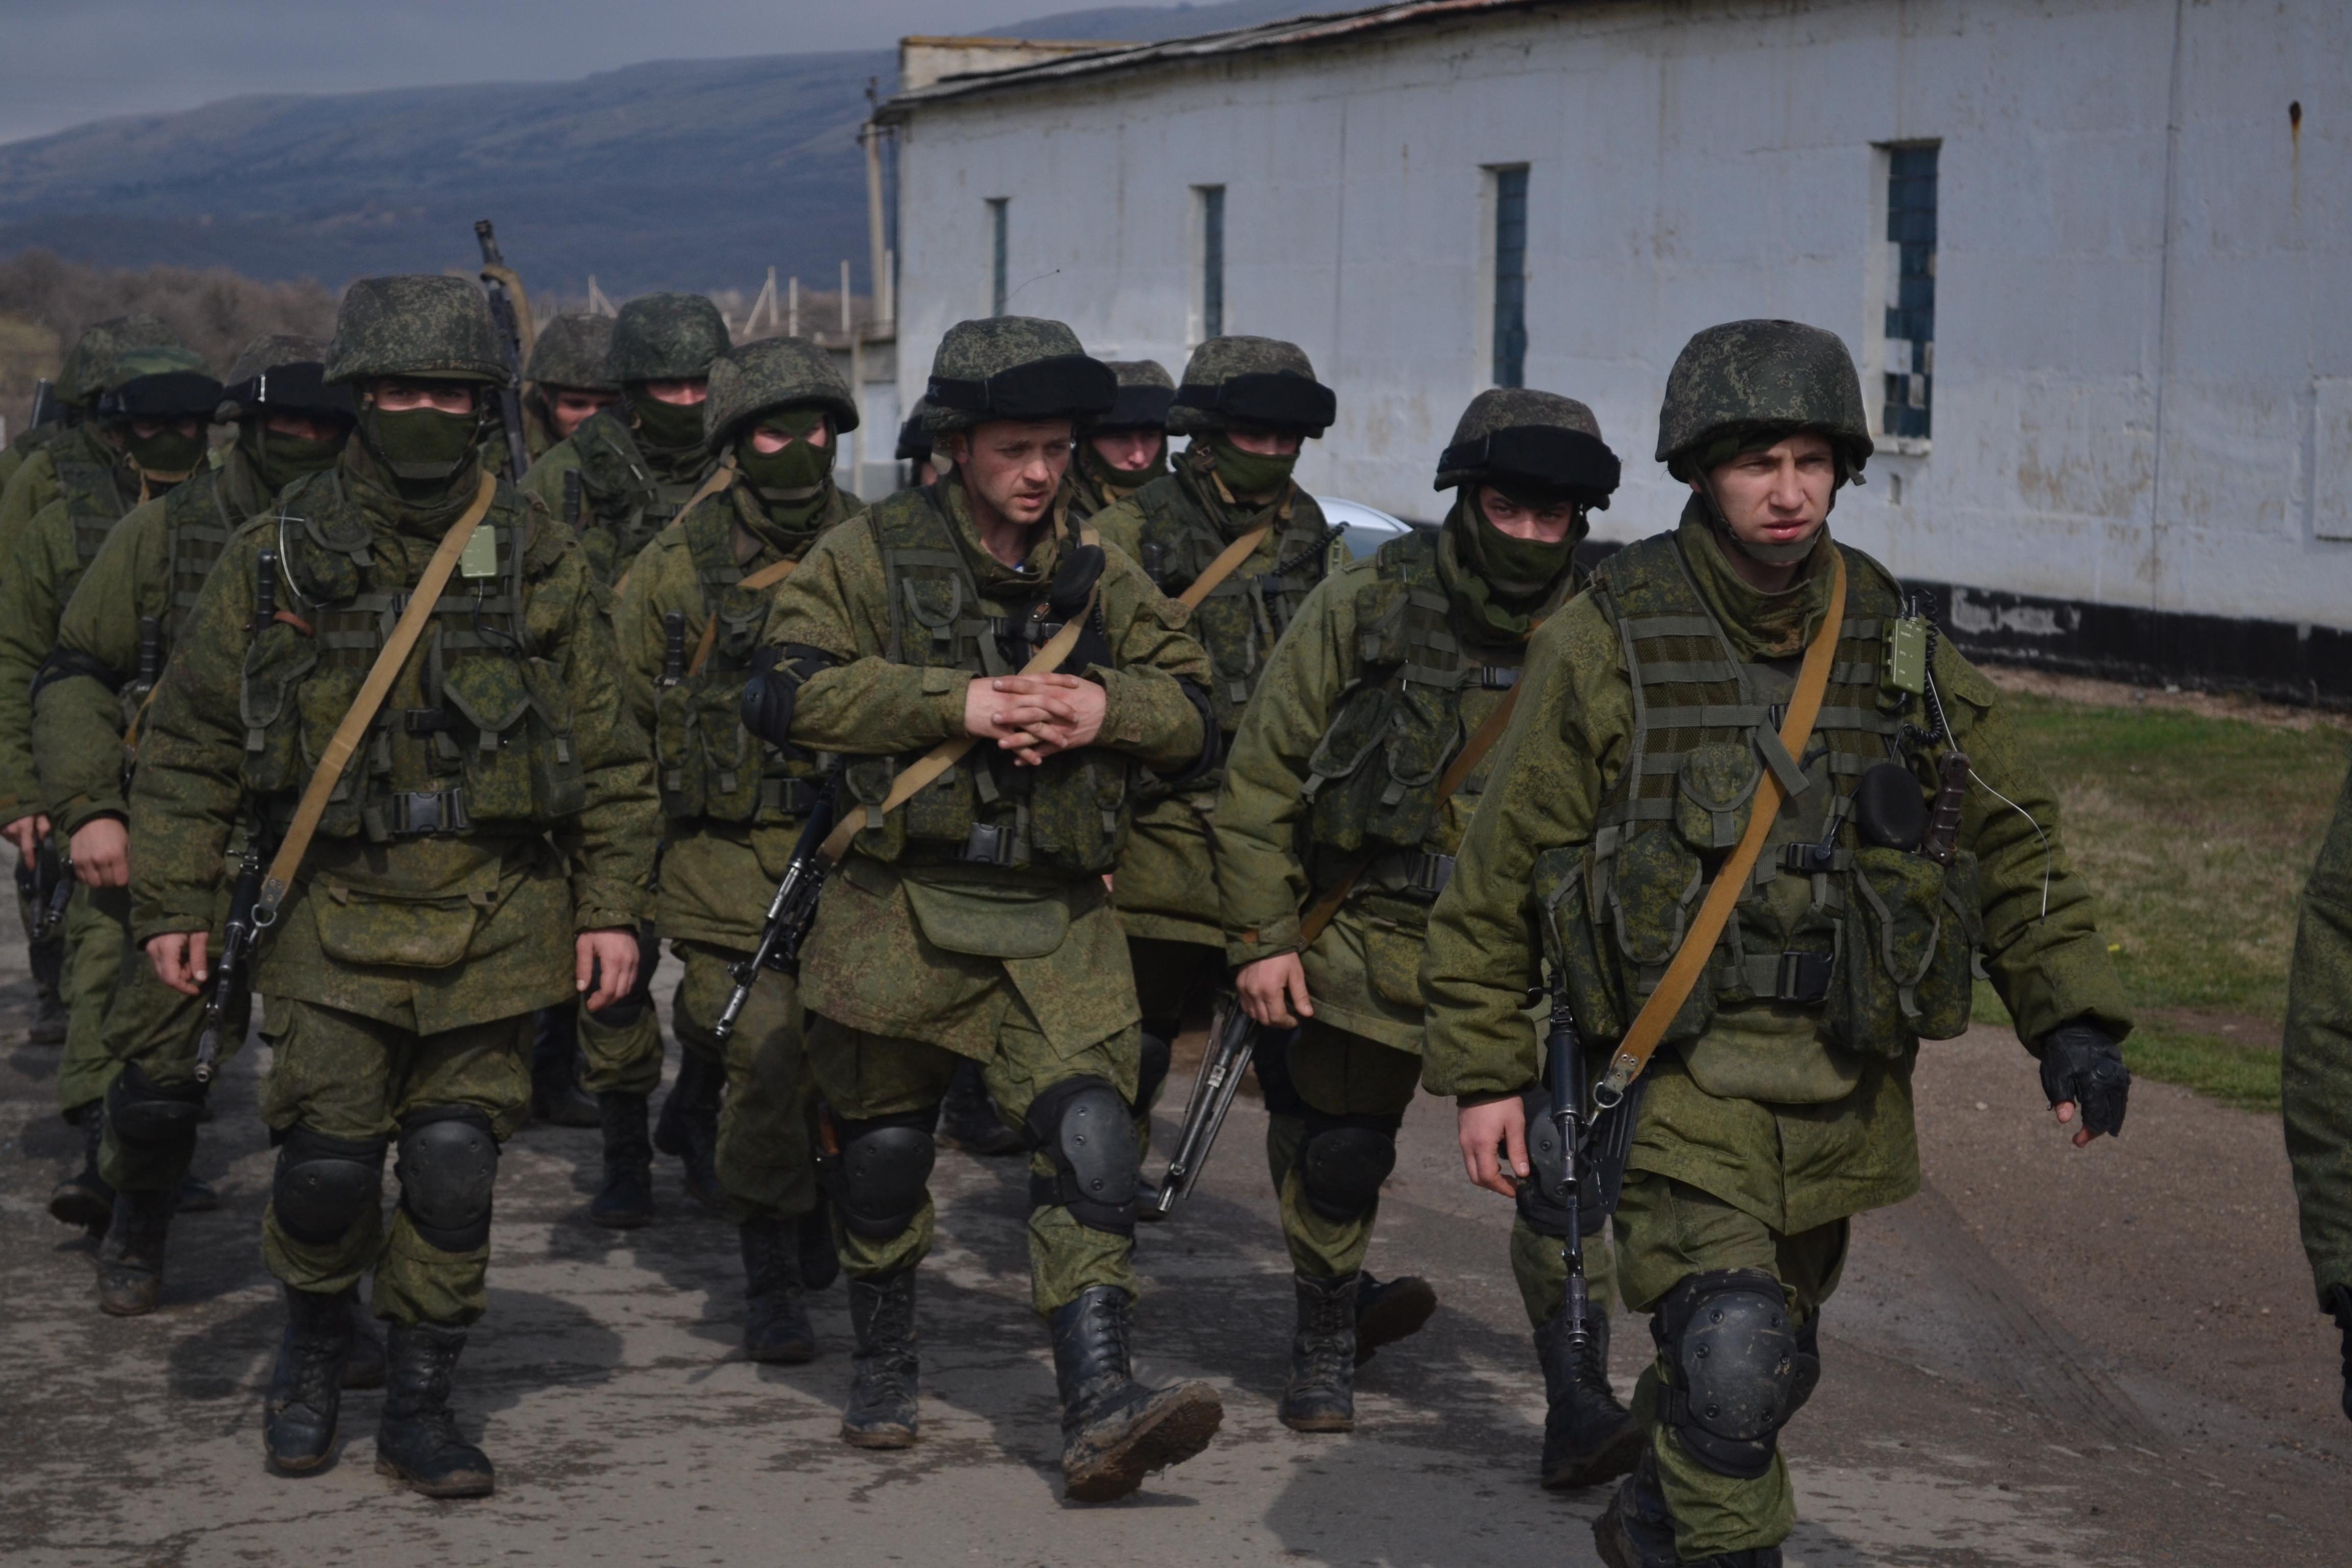 Forțele militare ruse, fără însemne, au ocupat rapid obiectivele strategice din Republica Crimeea și orașul Sevastopol